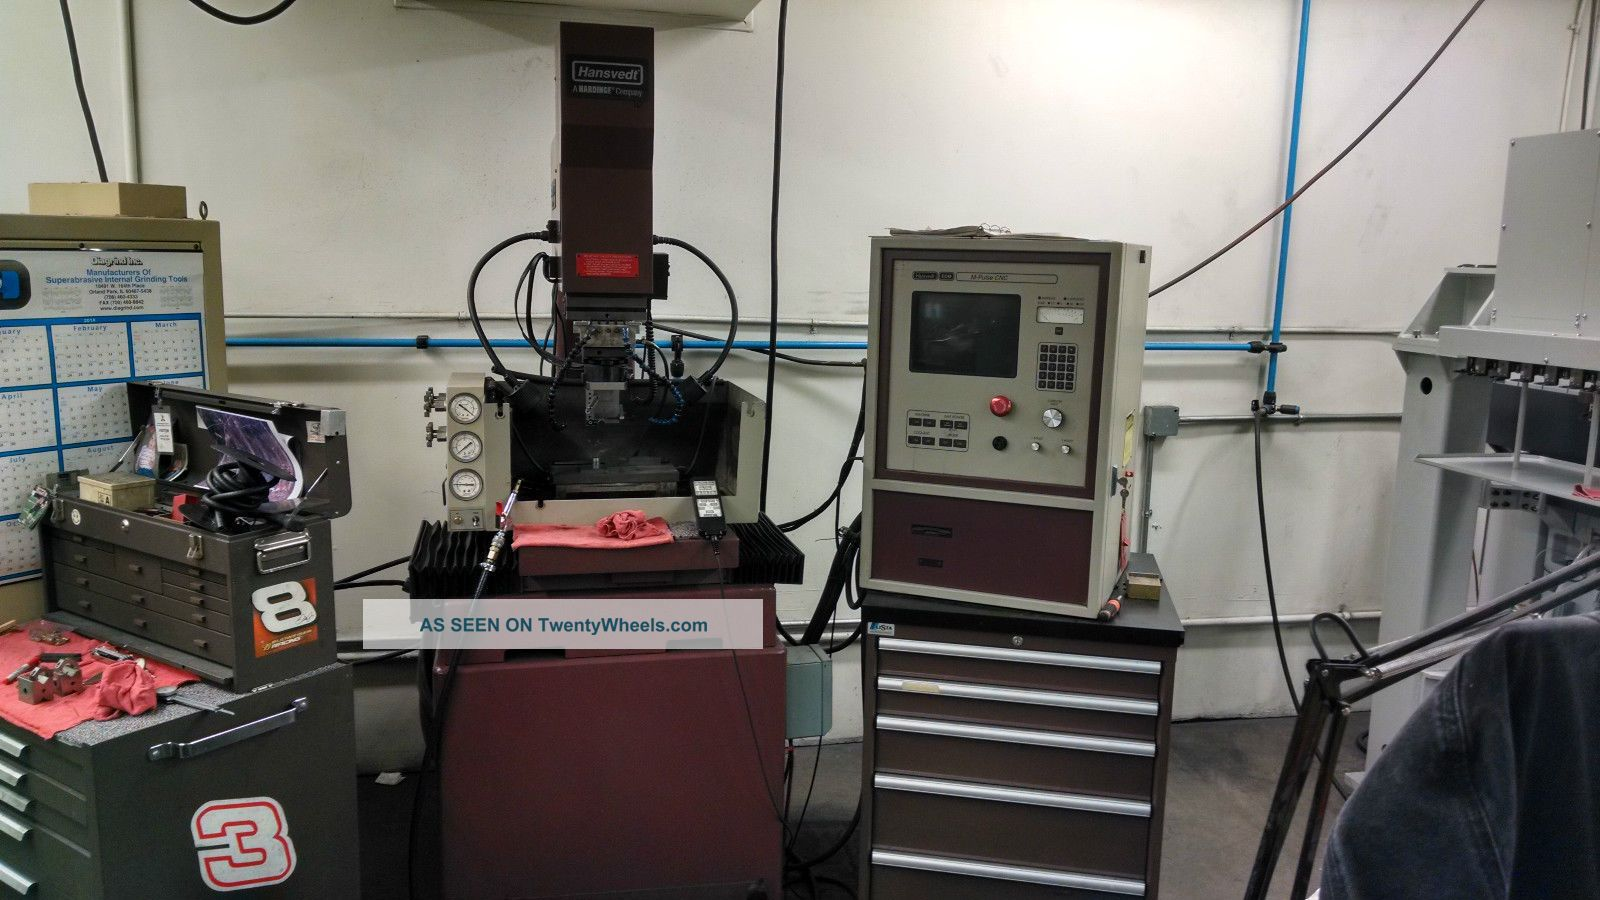 Hansvedt M - Pulse Ms - 4/3050 Edm Machine EDM Machines photo